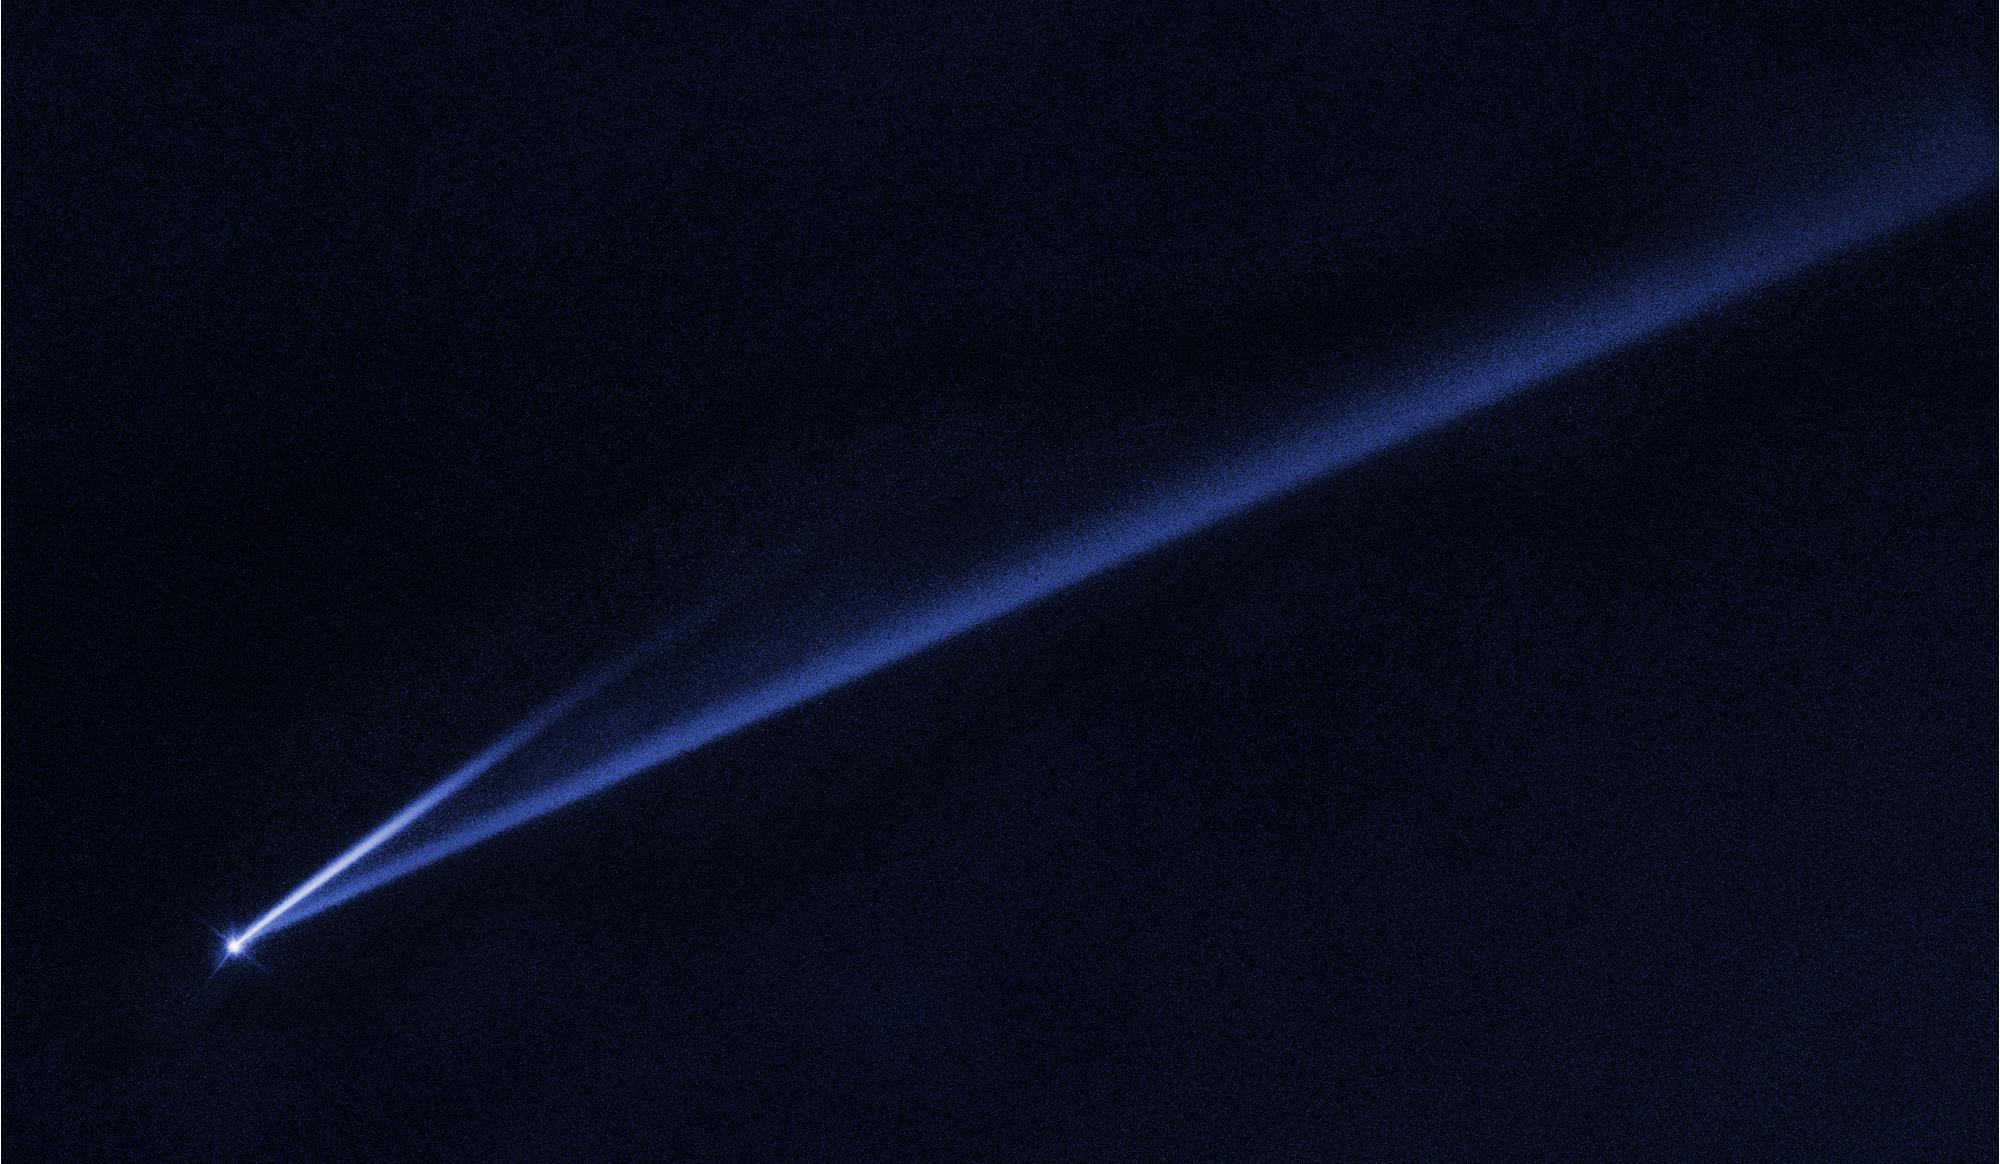 Asteroide condannato all'autodistruzione